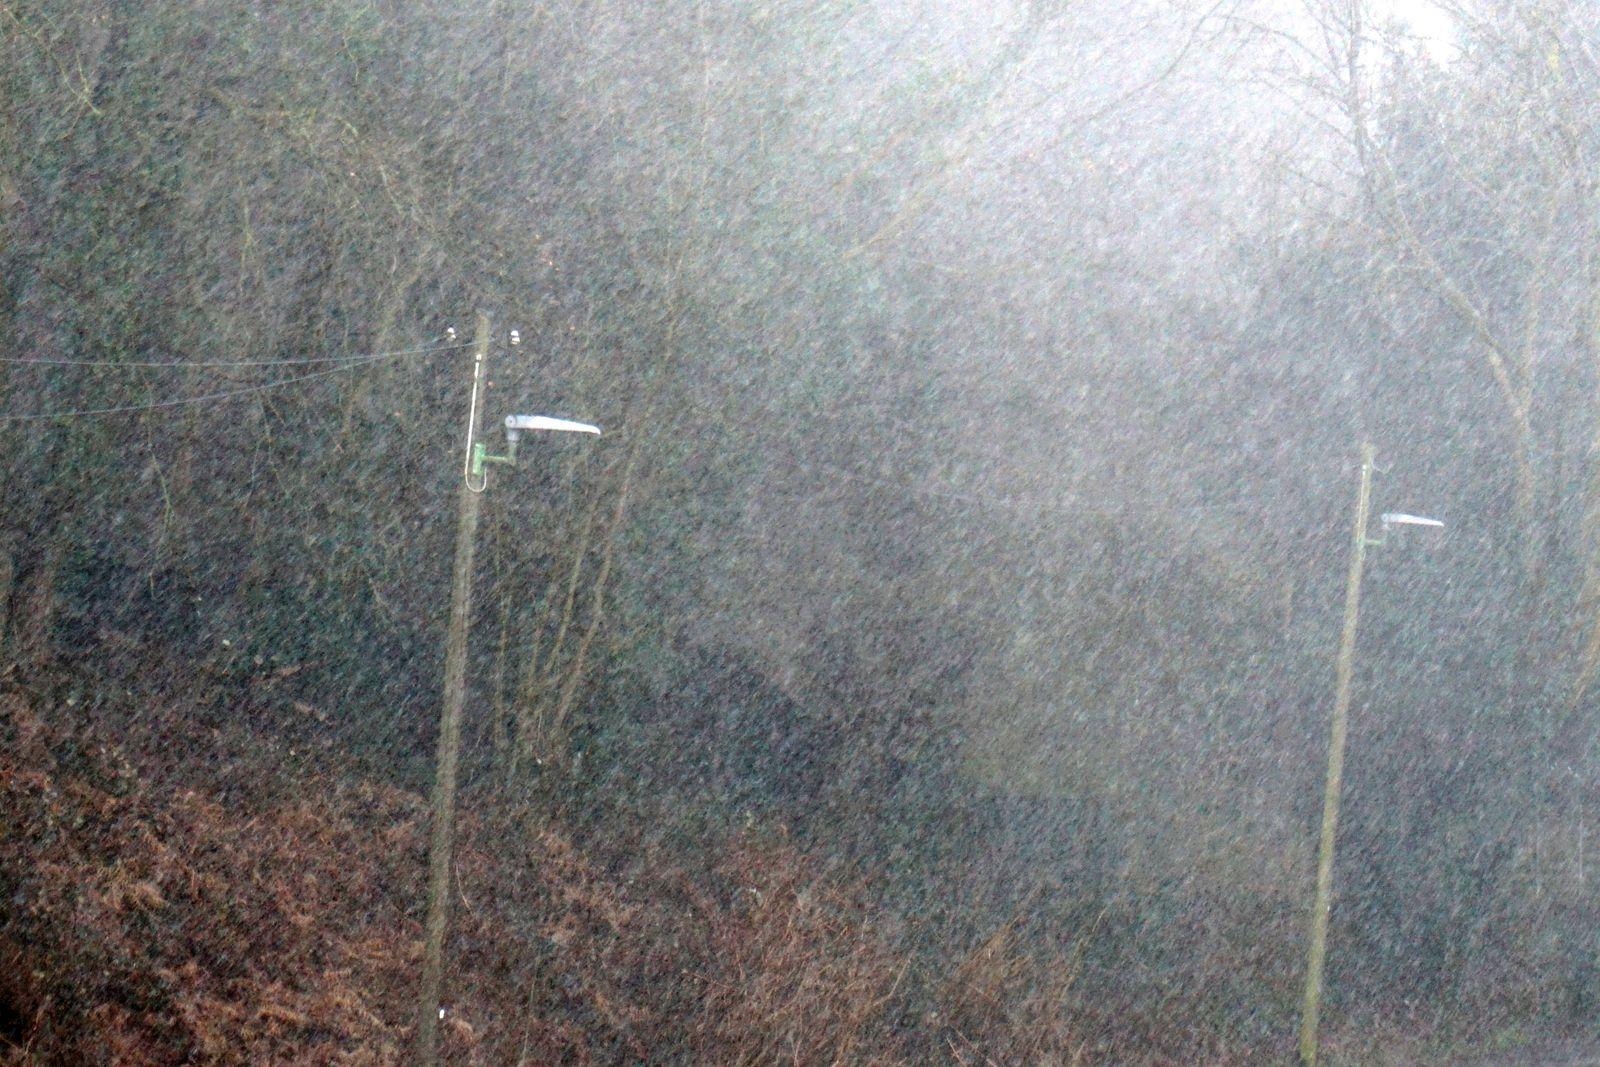 Sturmtief über Deutschland Heftige Starkregenfälle teils mit eingelagerten Gewittern während einer zyklonalen Westlage i